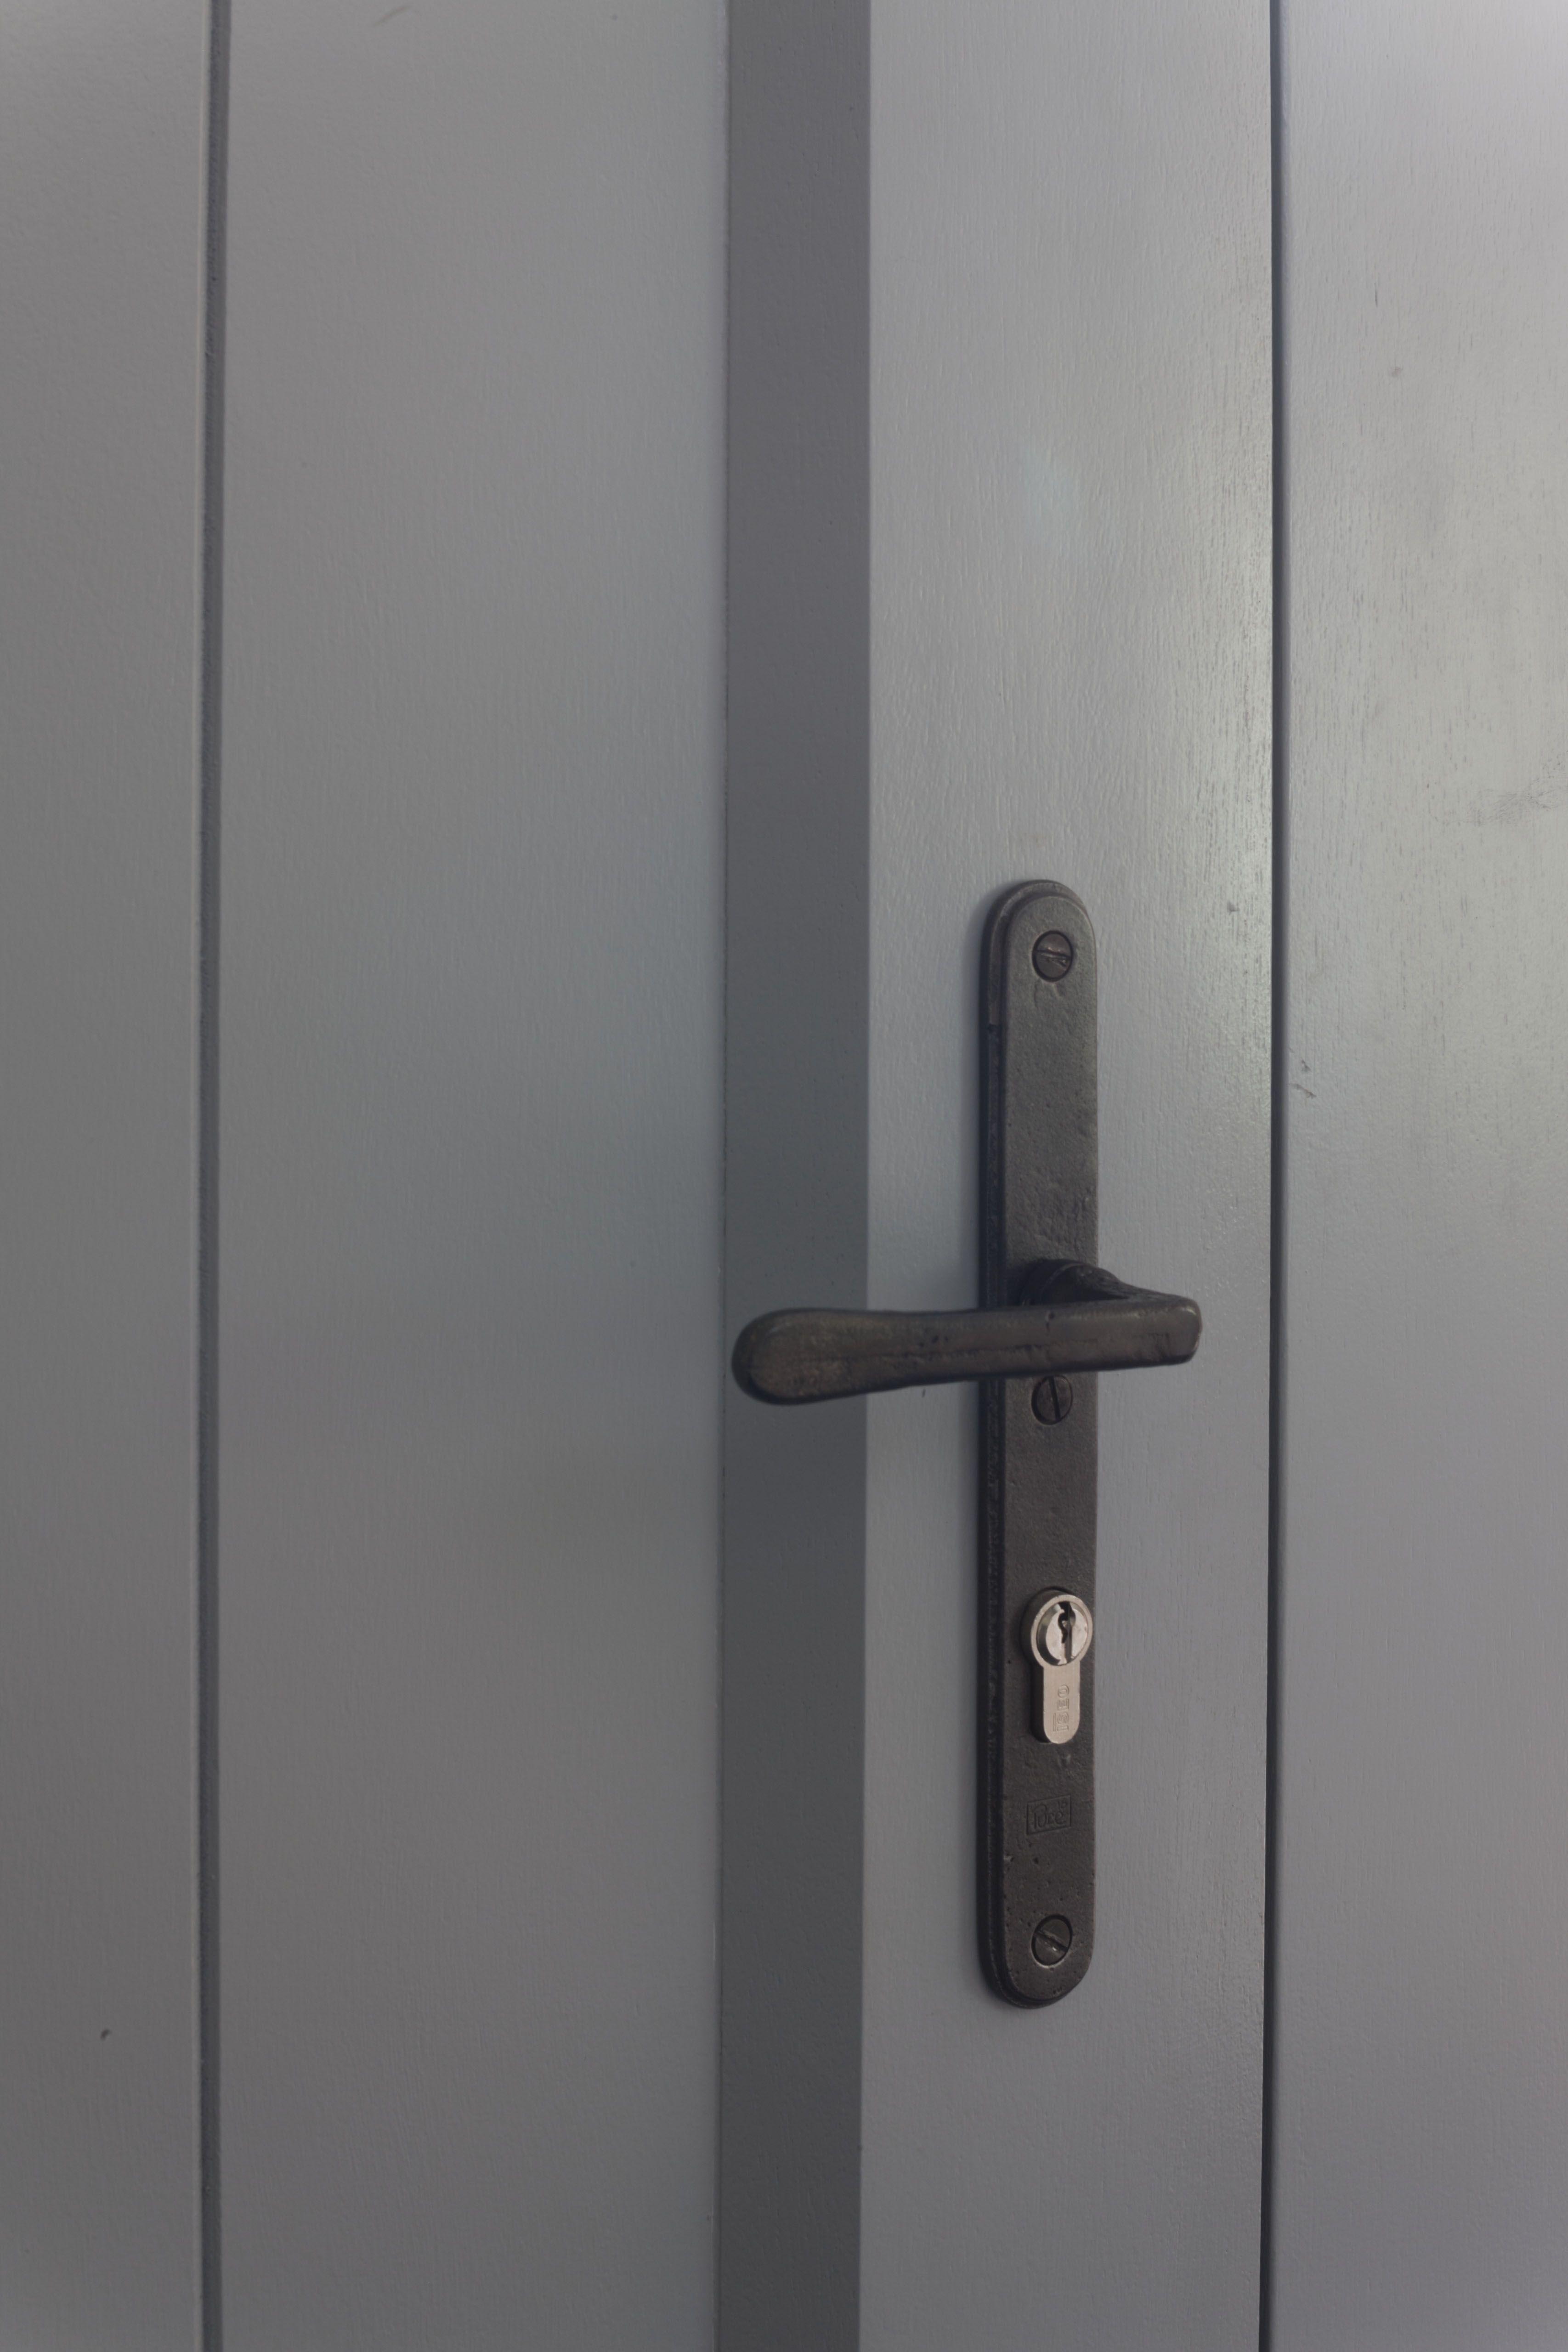 Favoriete zwart deurbeslag op grijze deur. Mooi! | deur beslag in 2019 GQ72